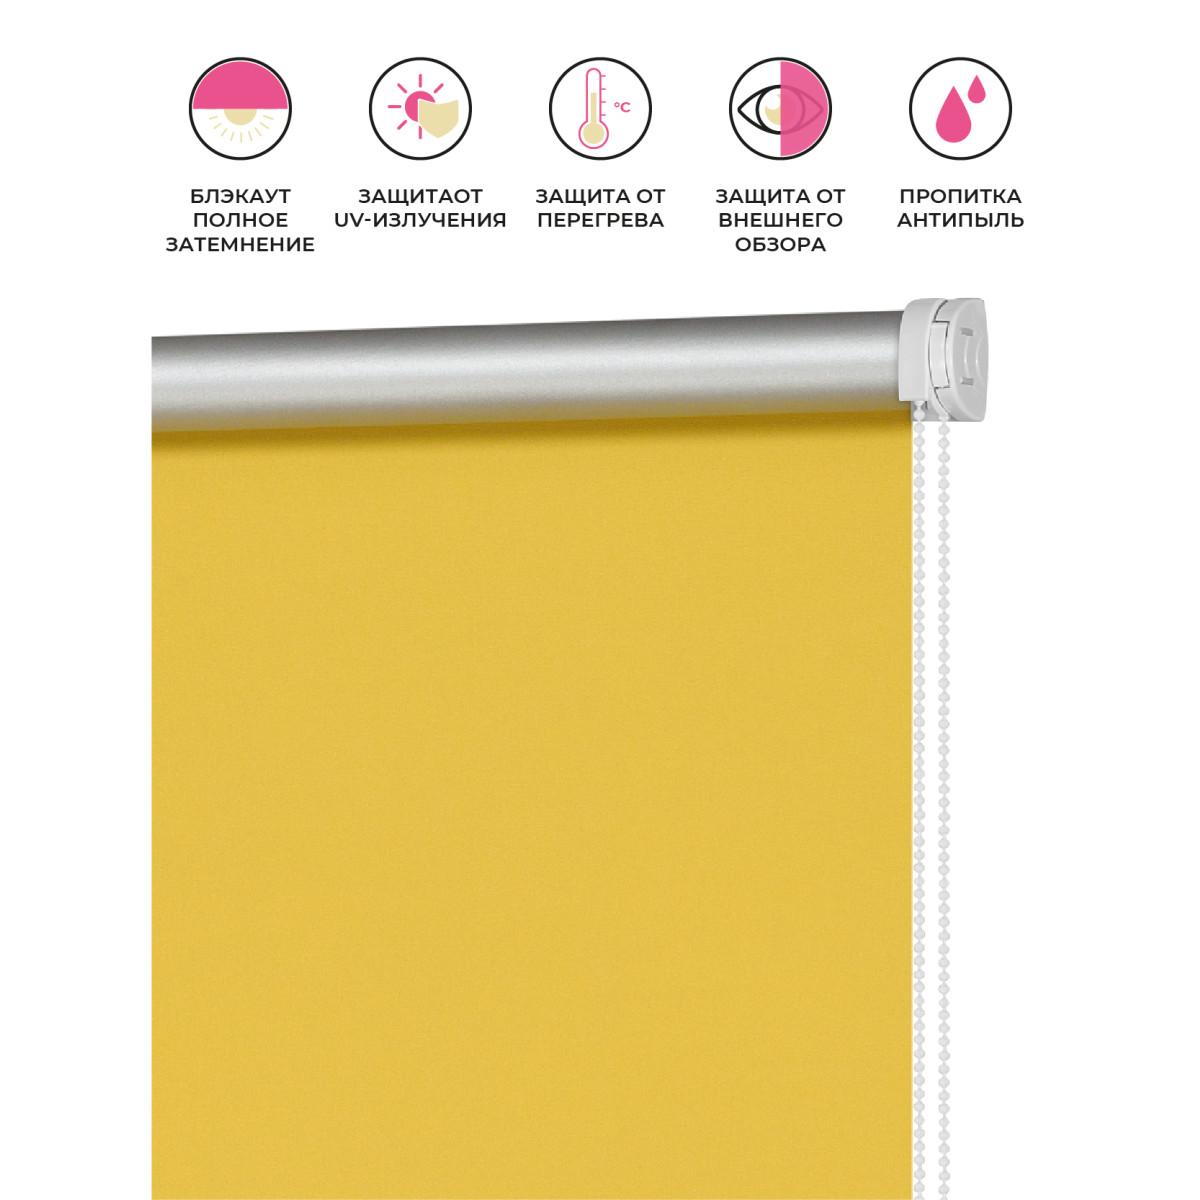 Рулонная Ора Decofest Блэкаут Плайн 40Х160 Цвет Желтый